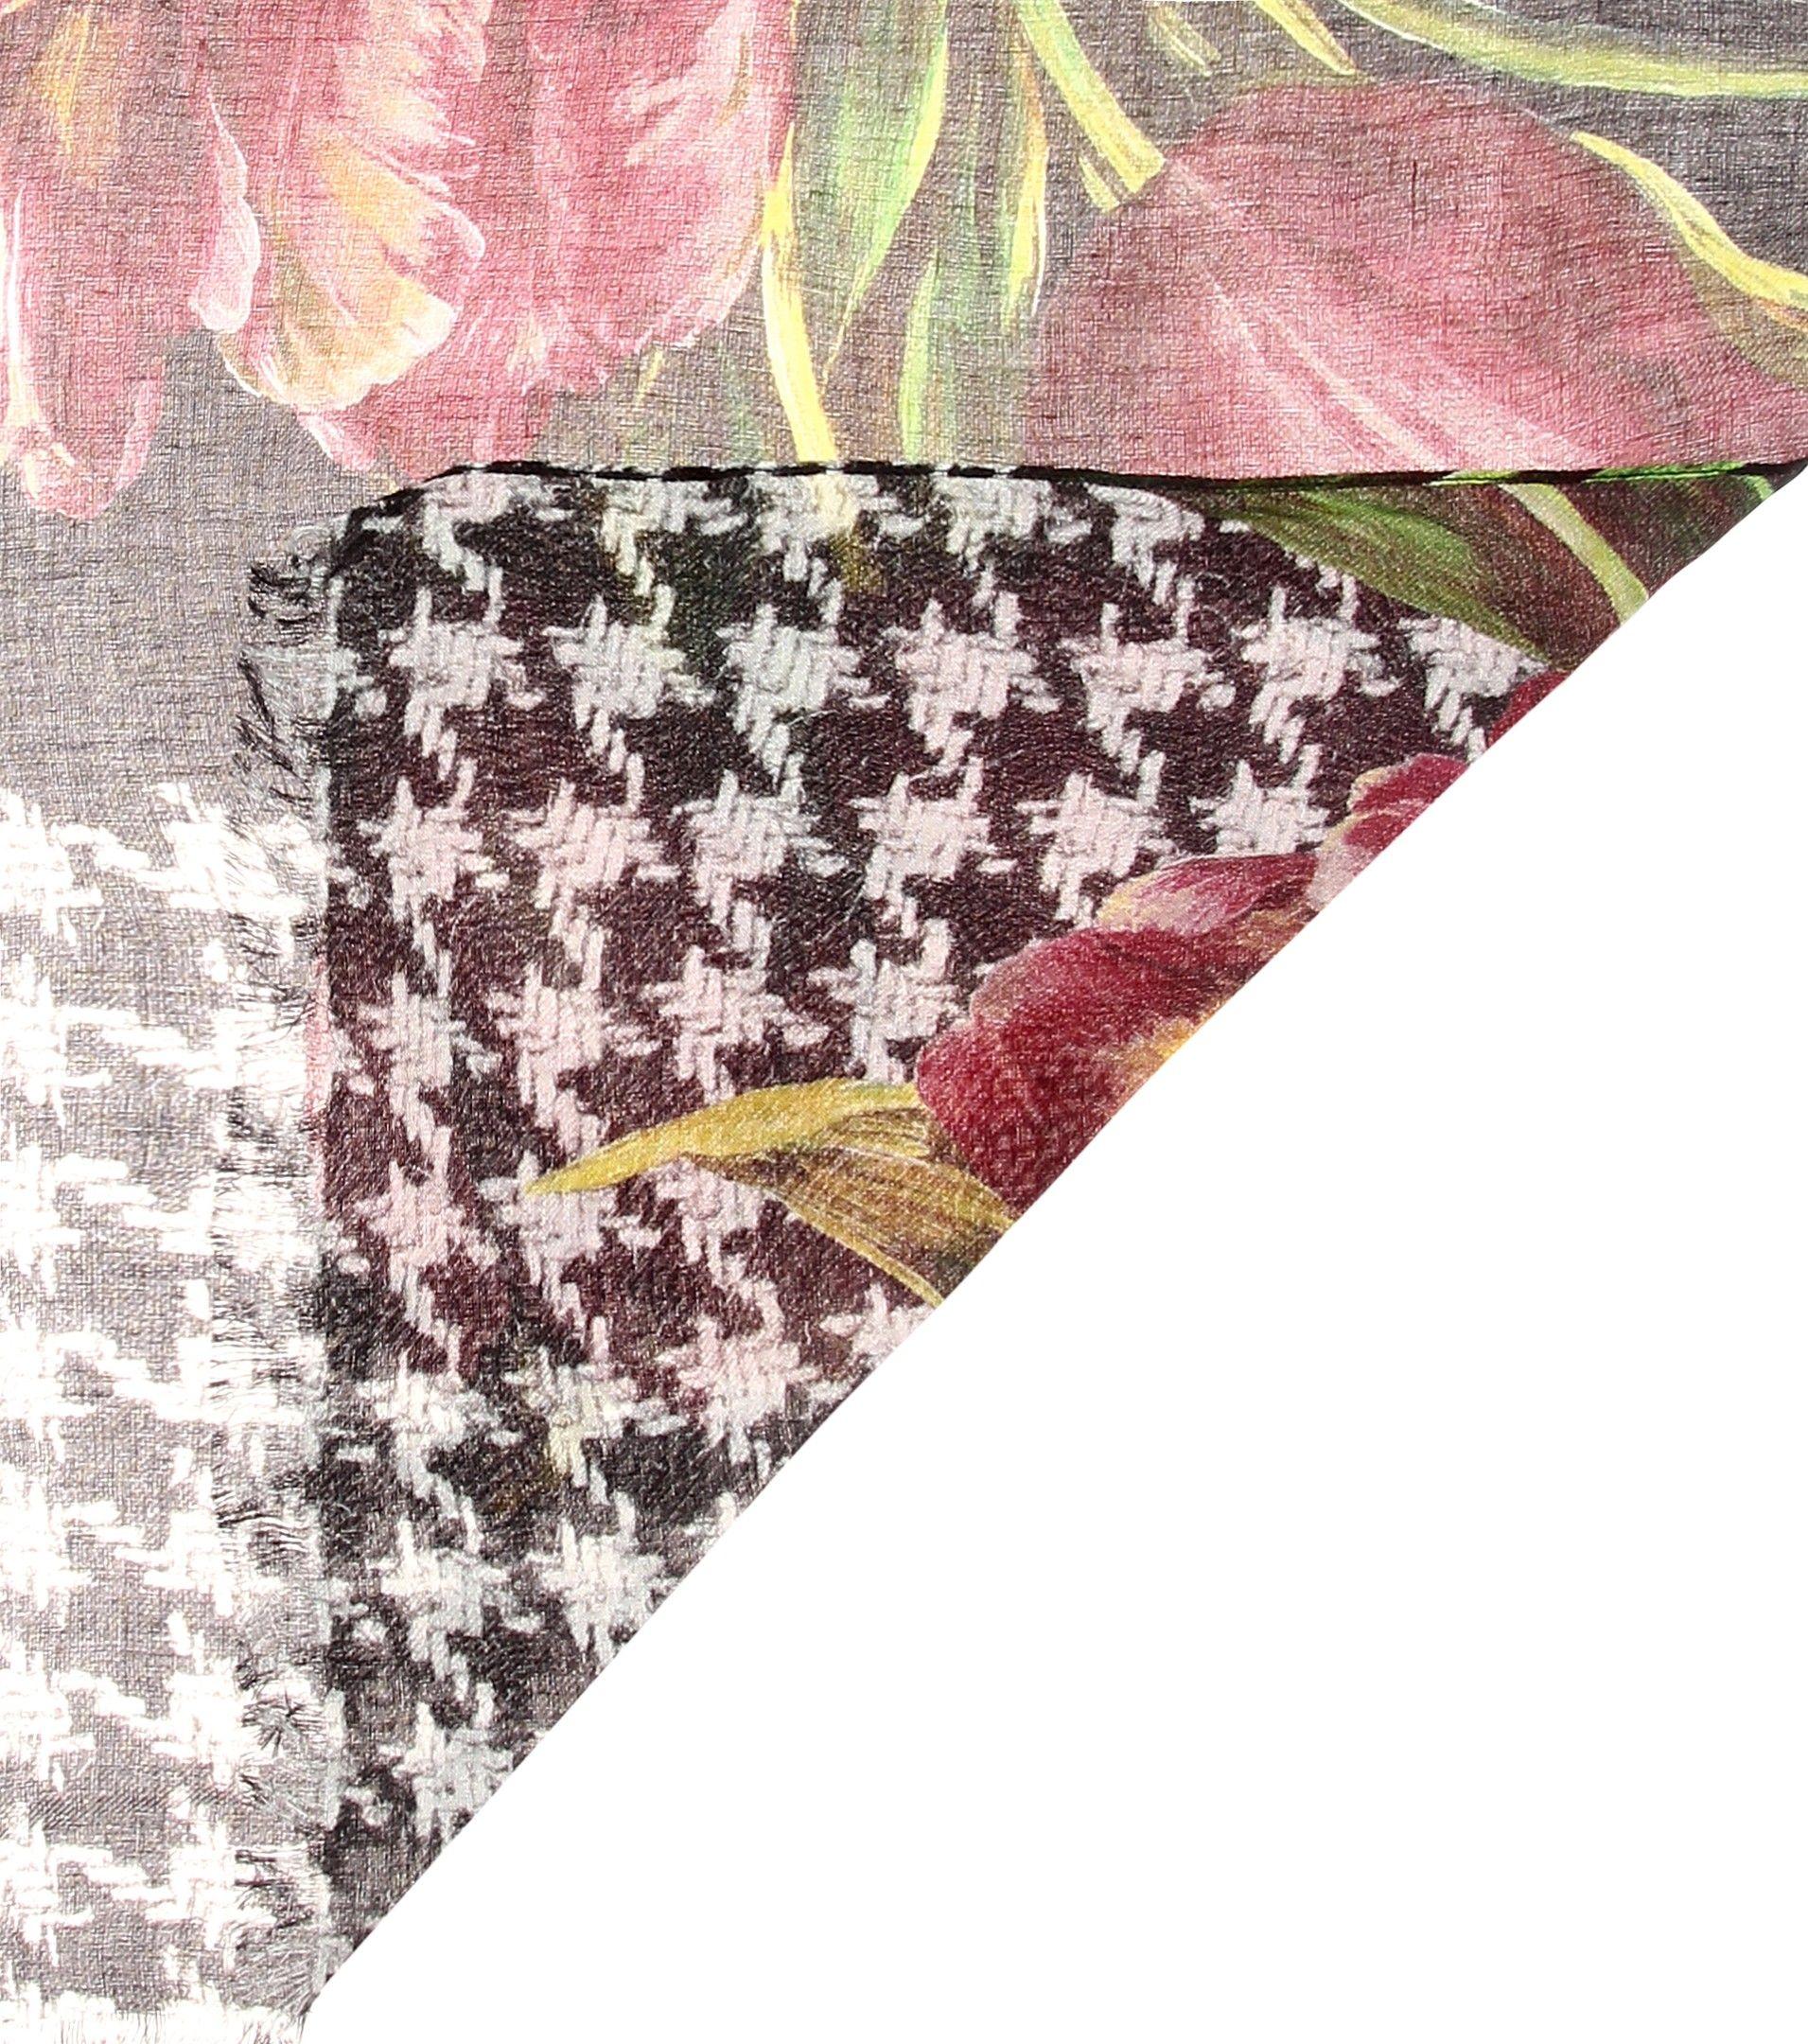 mytheresa.com - Foulard à imprimés - Luxe et Mode pour femme - Vêtements, chaussures et sacs de créateurs internationaux